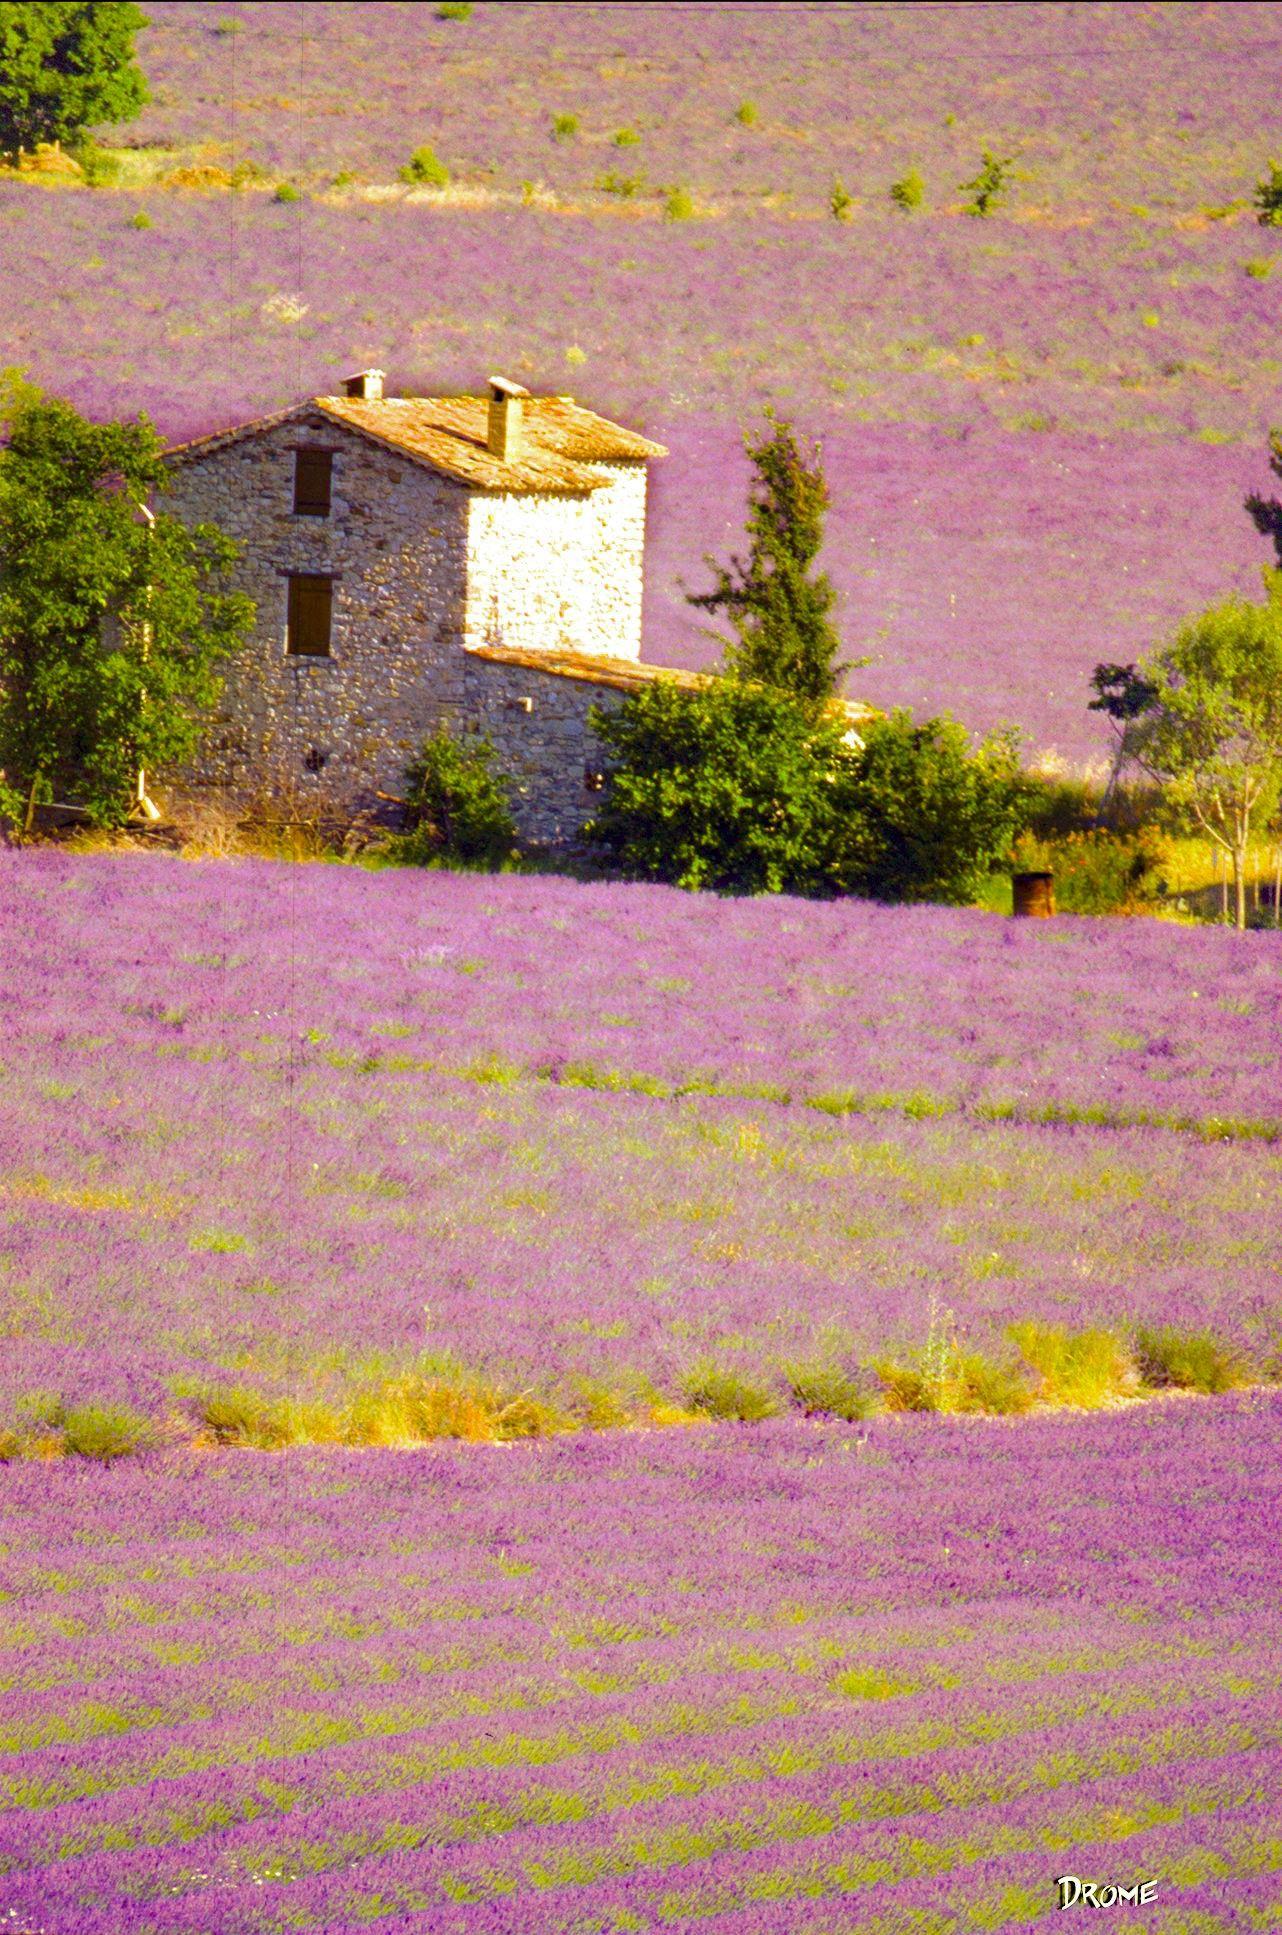 Lavender field (Drôme, France) by Giuseppe Di Rocco